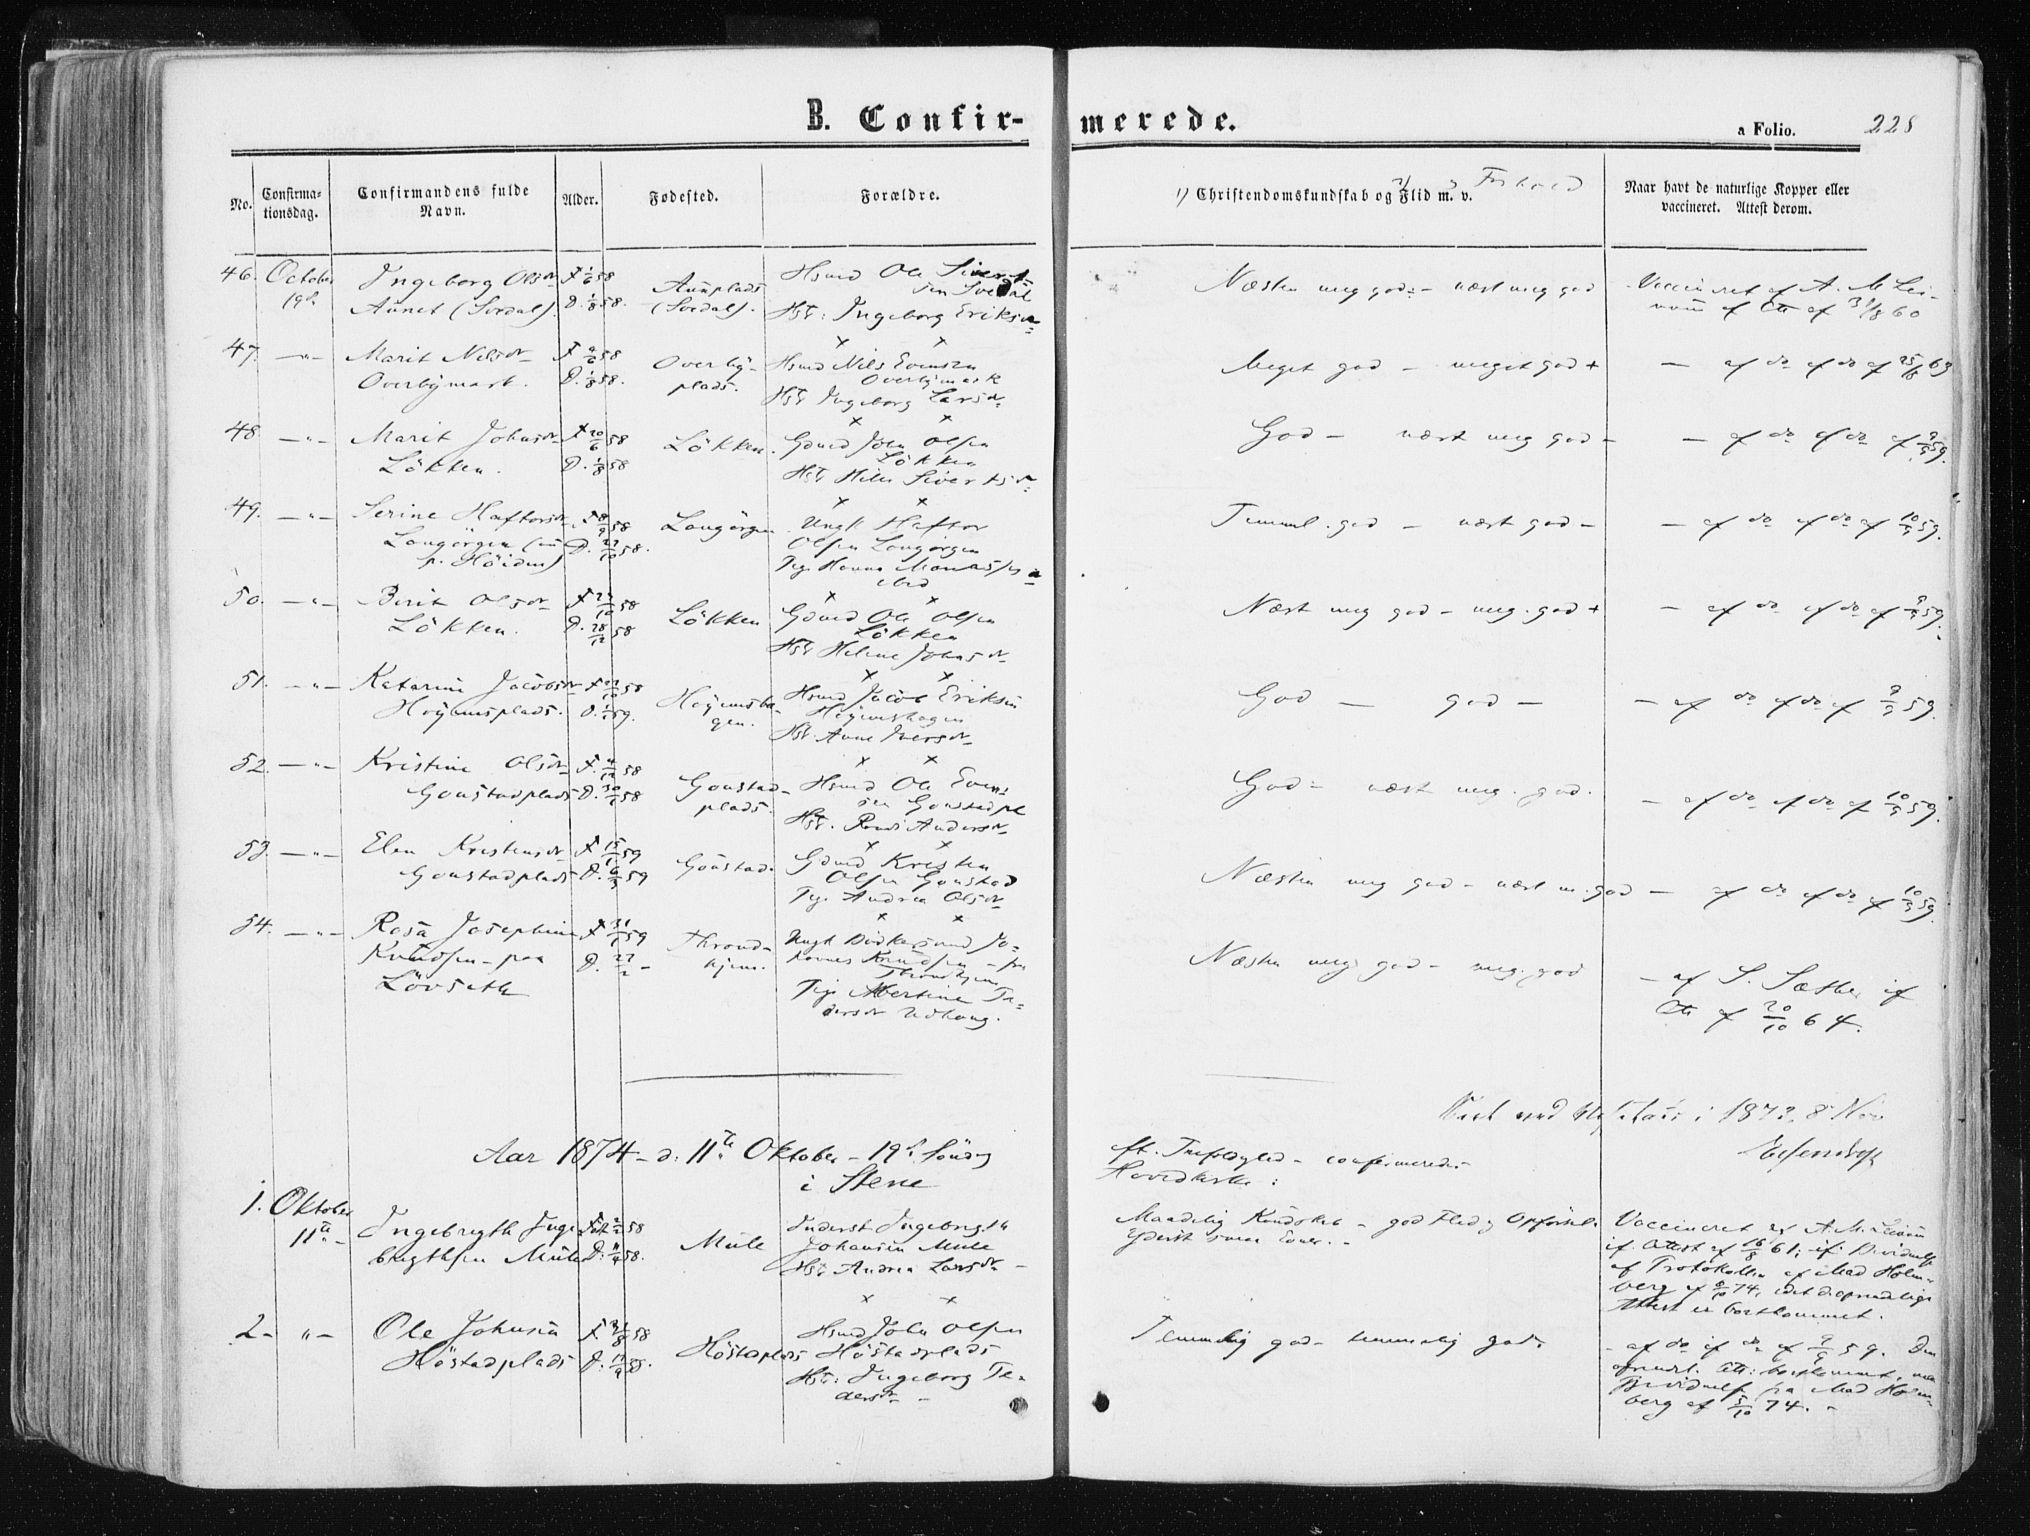 SAT, Ministerialprotokoller, klokkerbøker og fødselsregistre - Sør-Trøndelag, 612/L0377: Ministerialbok nr. 612A09, 1859-1877, s. 228